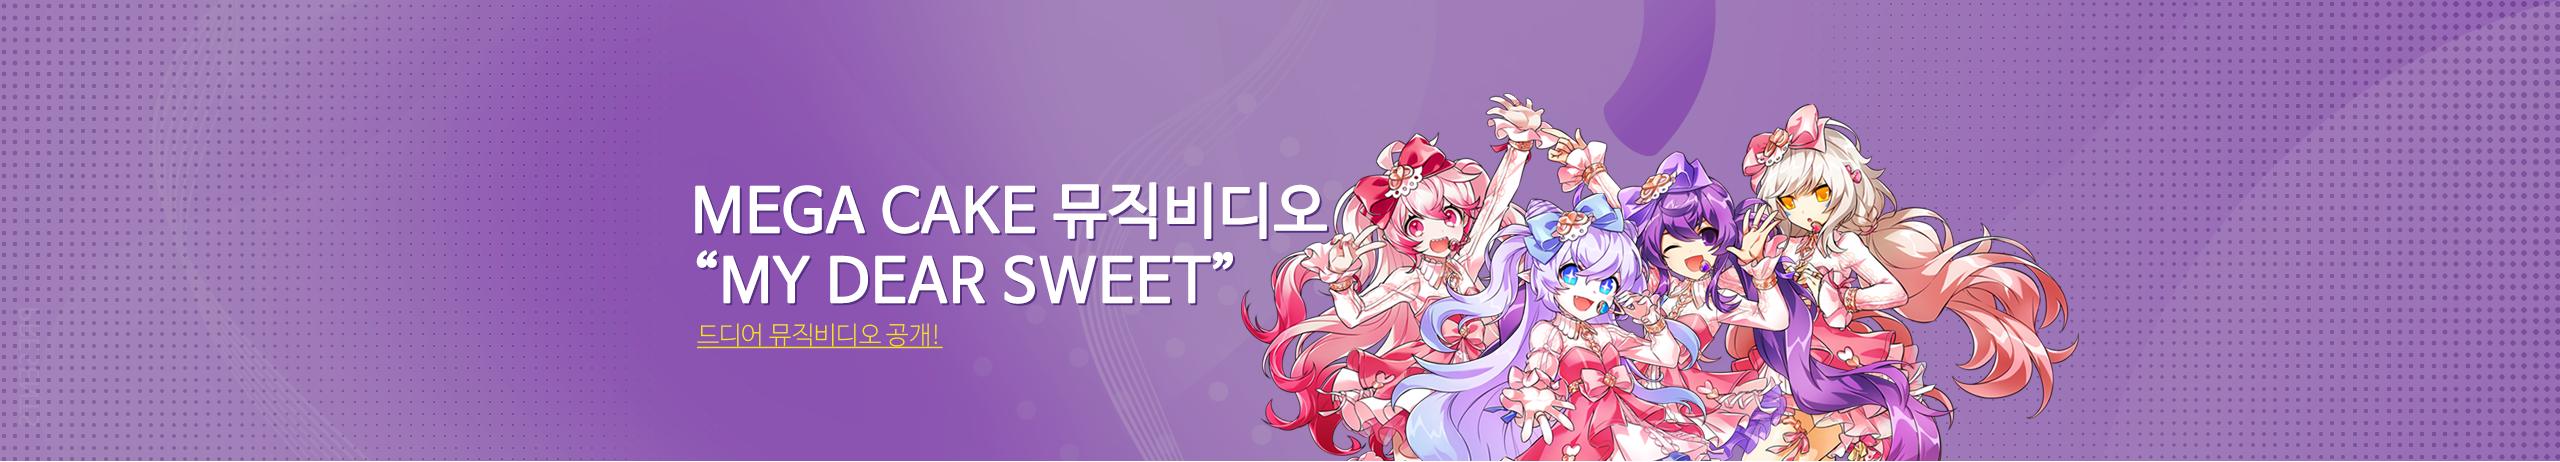 메가 케이크 뮤직비디오 공개 이동